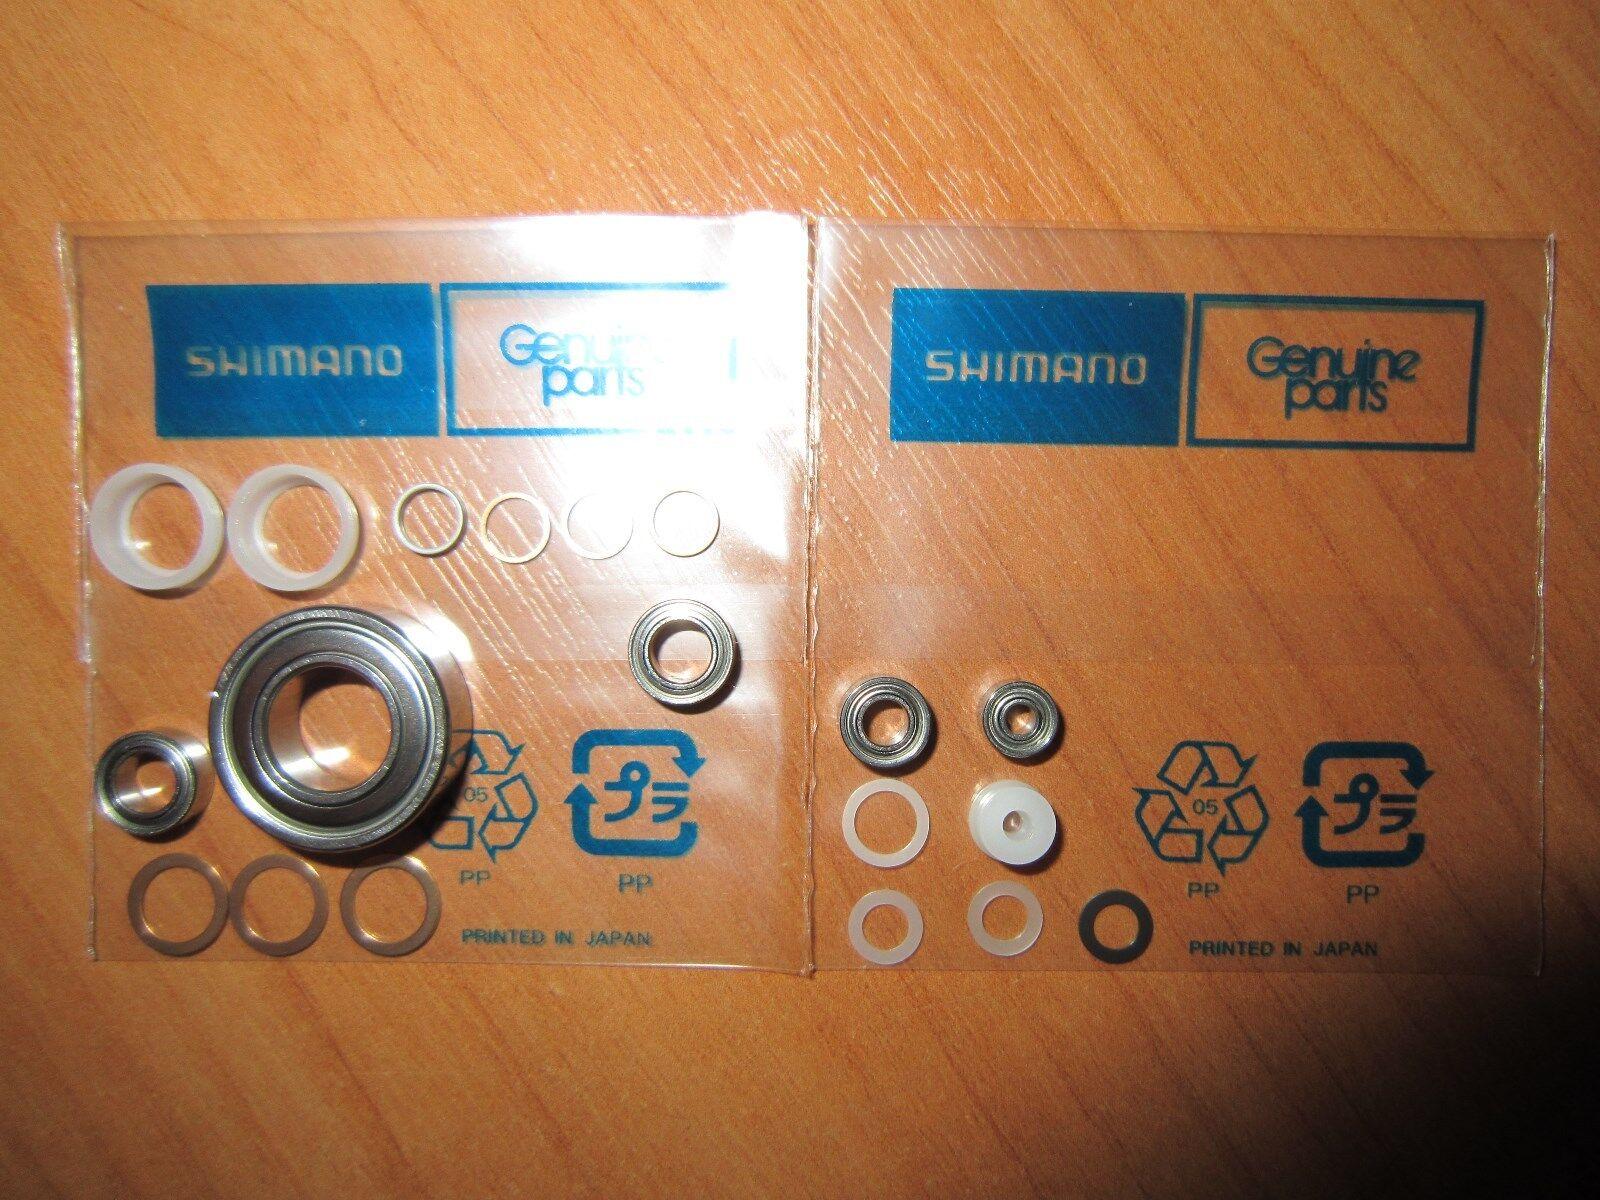 Shimano Rarenium Rarenium Ci4+ 4000XG Full Bearing 5bb Kit 12 Rarenium Shimano Ci4+ 4000XG 381554